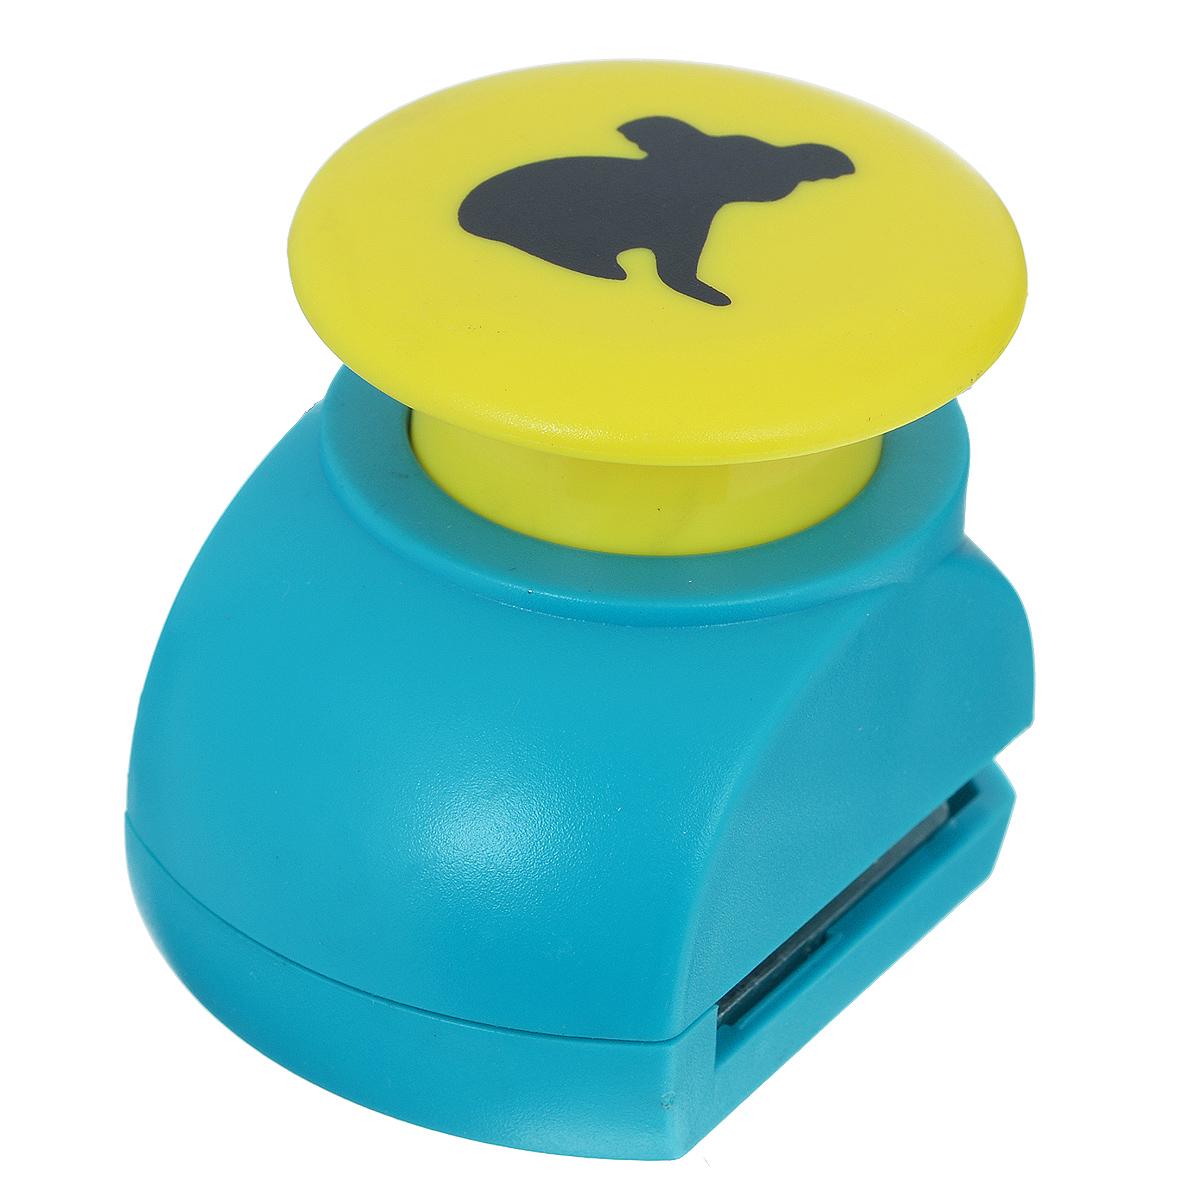 Дырокол фигурный Астра Коала. JF-8237709606_66Дырокол Астра Коала поможет вам легко, просто и аккуратно вырезать много одинаковых мелких фигурок. Режущие части компостера закрыты пластмассовым корпусом, что обеспечивает безопасность для детей. Можно использовать вырезанные мотивы как конфетти или для наклеивания. Дырокол подходит для разных техник: декупажа, скрапбукинга, декорирования. Размер дырокола: 5 см х 4 см х 5 см. Размер готовой фигурки: 1,7 см х 2 см.